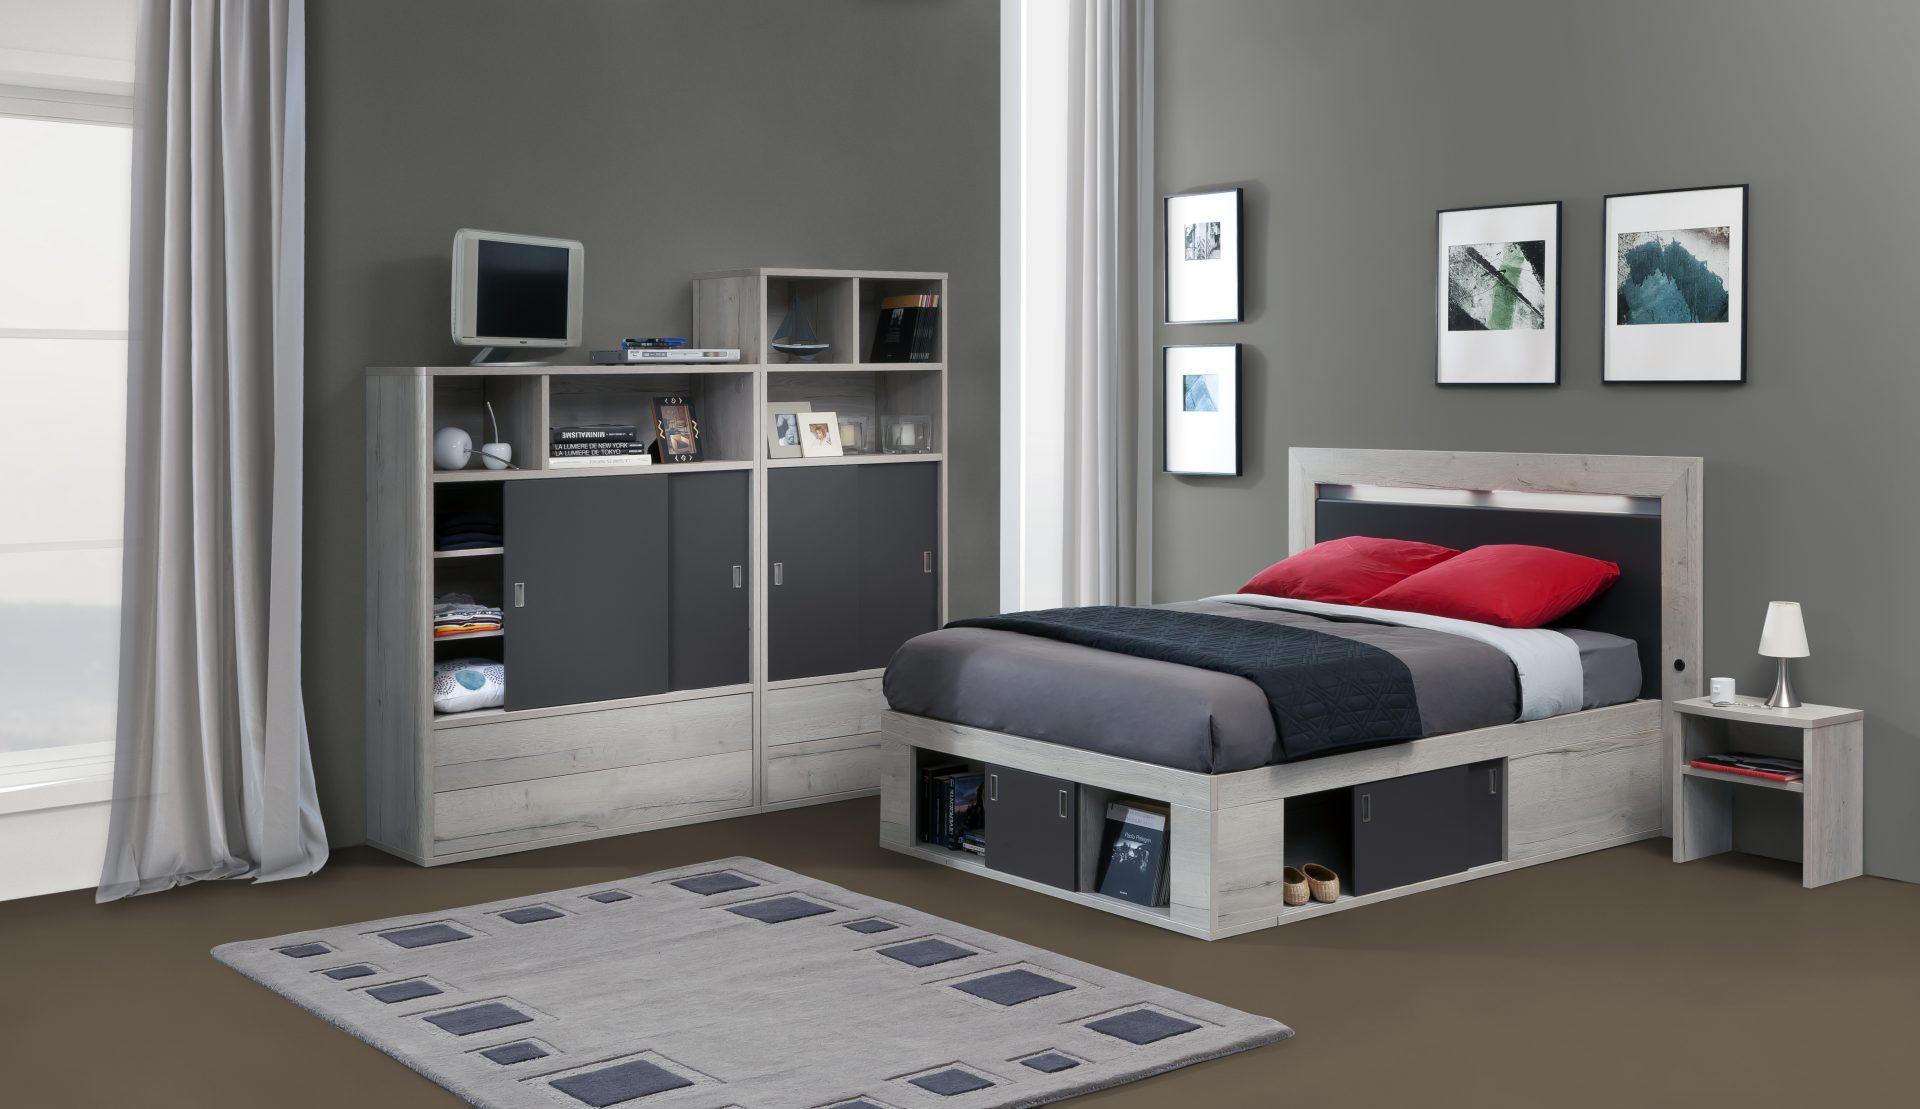 coffre de lit zodiaque ch ne blanc laque perle 140x190 meubles minet. Black Bedroom Furniture Sets. Home Design Ideas